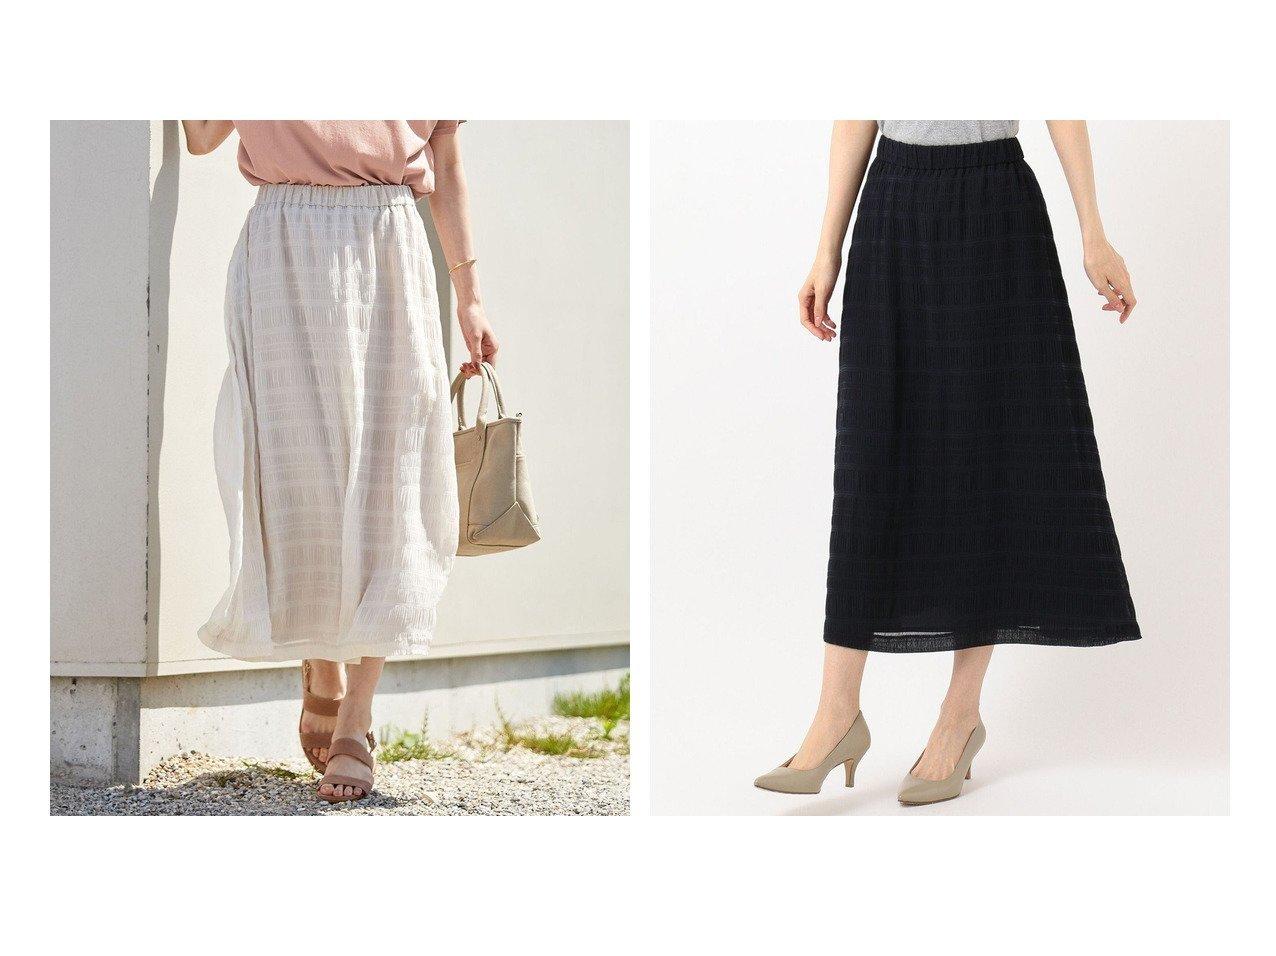 【J.PRESS/ジェイ プレス】の【洗える】シャーリングシャドーボーダー スカート 【スカート】おすすめ!人気トレンド・レディースファッション通販 おすすめで人気の流行・トレンド、ファッションの通販商品 インテリア・家具・メンズファッション・キッズファッション・レディースファッション・服の通販 founy(ファニー) https://founy.com/ ファッション Fashion レディースファッション WOMEN スカート Skirt 送料無料 Free Shipping シャーリング ジャカード ロング 夏 Summer 洗える |ID:crp329100000050681